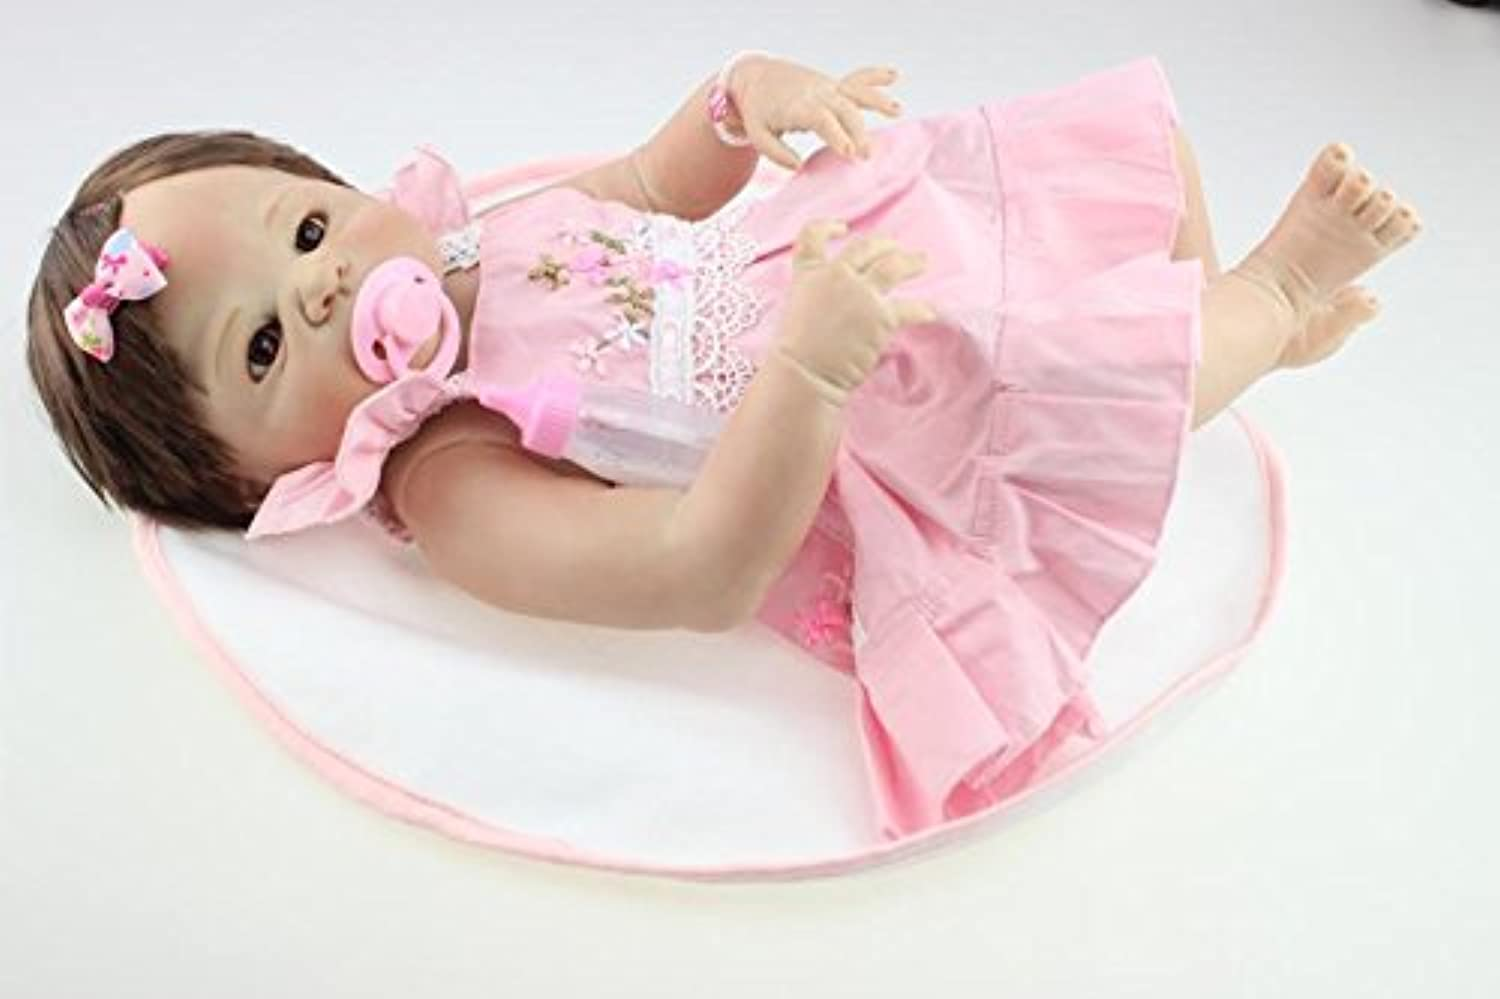 手作りガール人形Lifelike Reborn新生児赤ちゃんフルシリコンボディFake Babies 23-inch